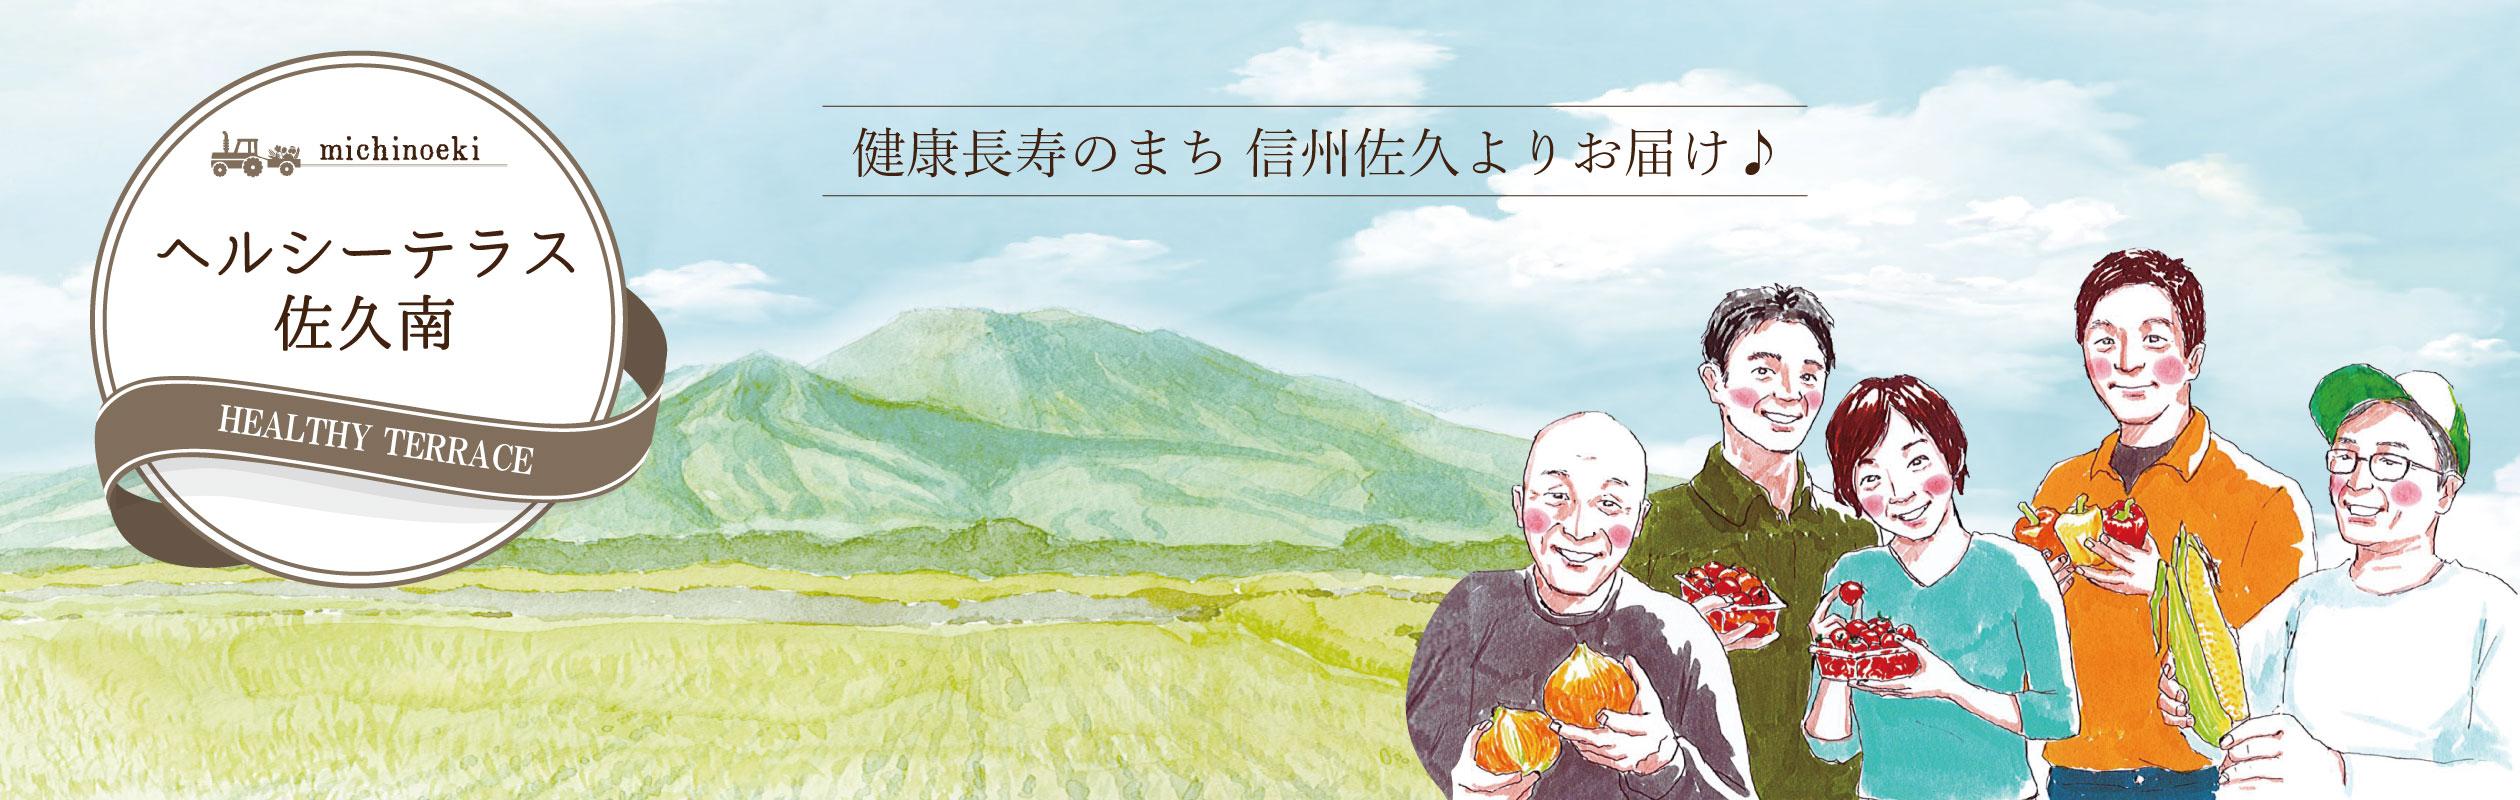 ヘルシーテラス佐久南:健康長寿の町、「佐久市」よりお届けいたします!!